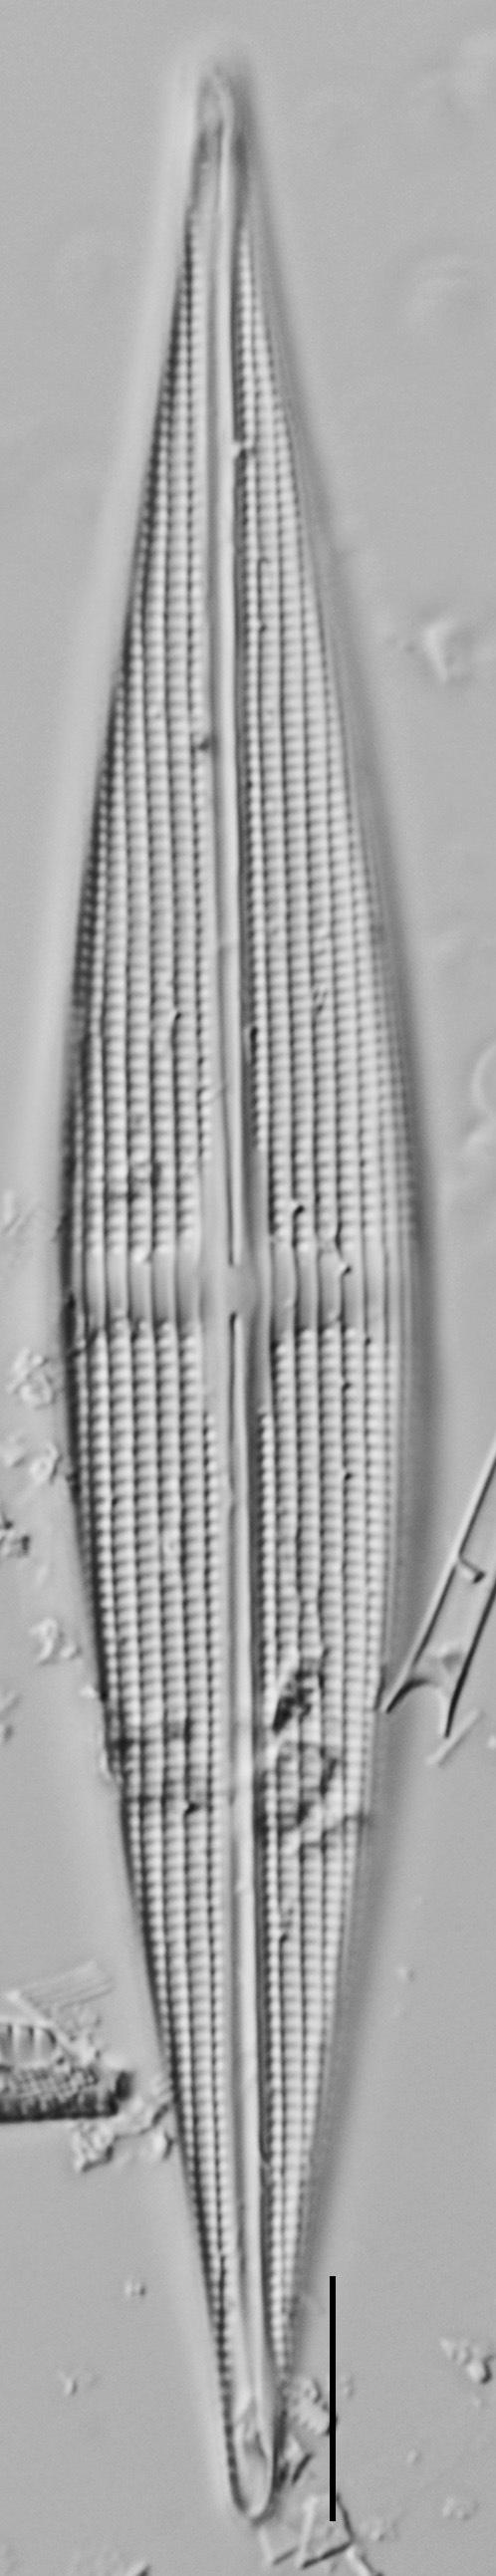 Stauroneis staurolineata LM4